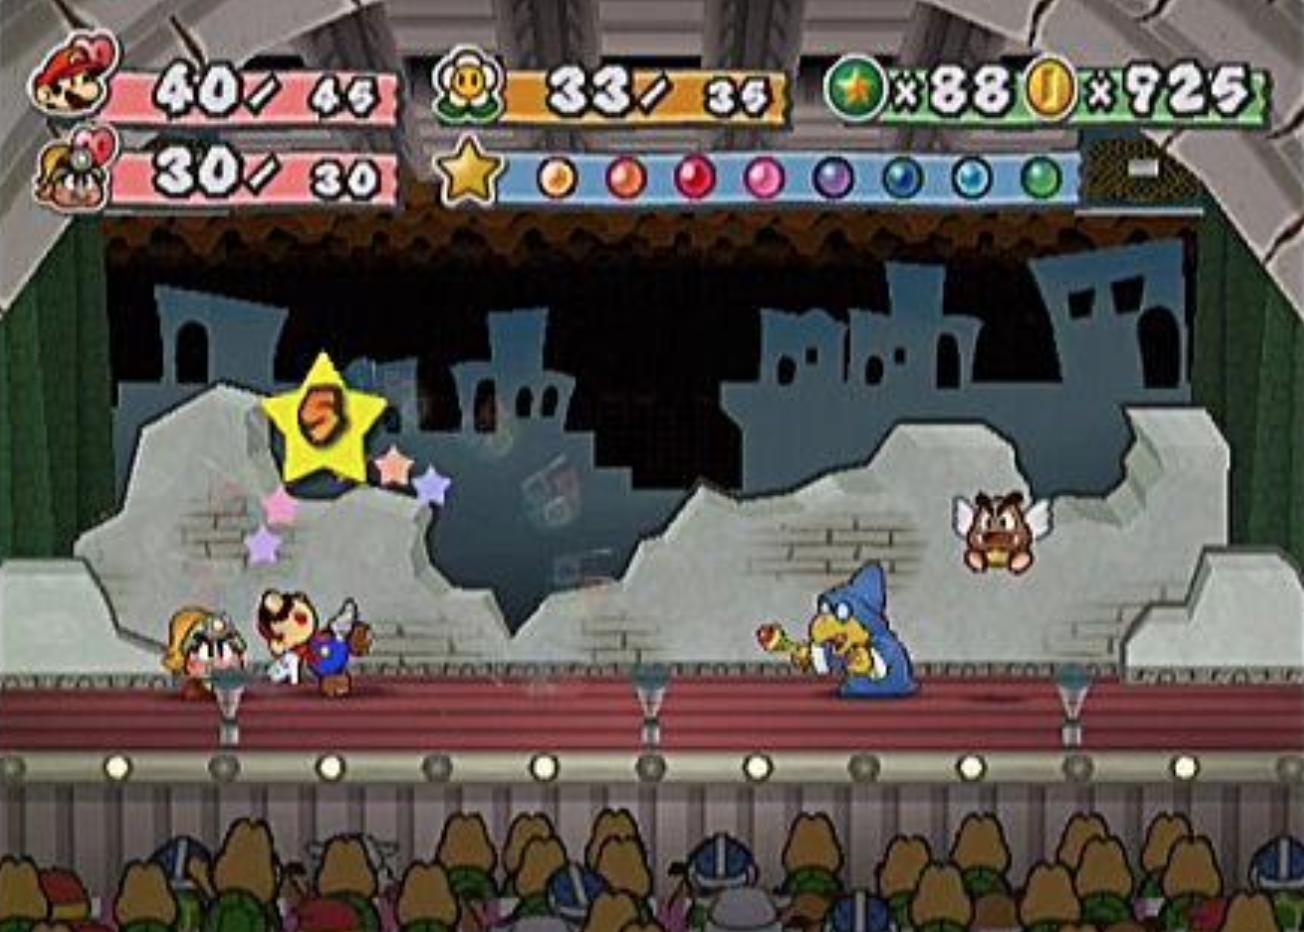 Does Paper Mario: Thousand-Year Door Belong in the Video